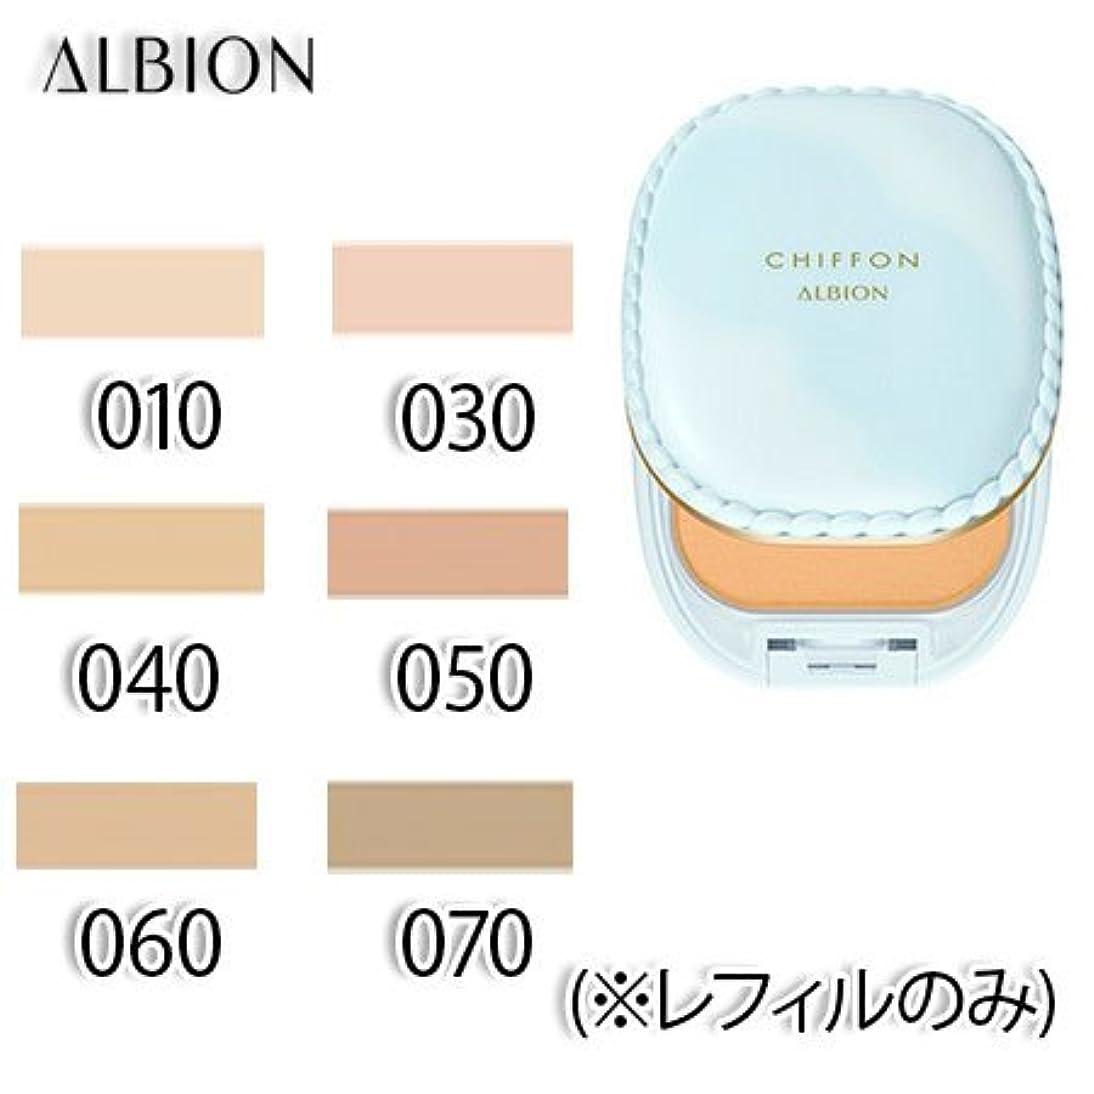 として権限宝石アルビオン スノー ホワイト シフォン 全6色 SPF25?PA++ 10g (レフィルのみ) -ALBION- 050